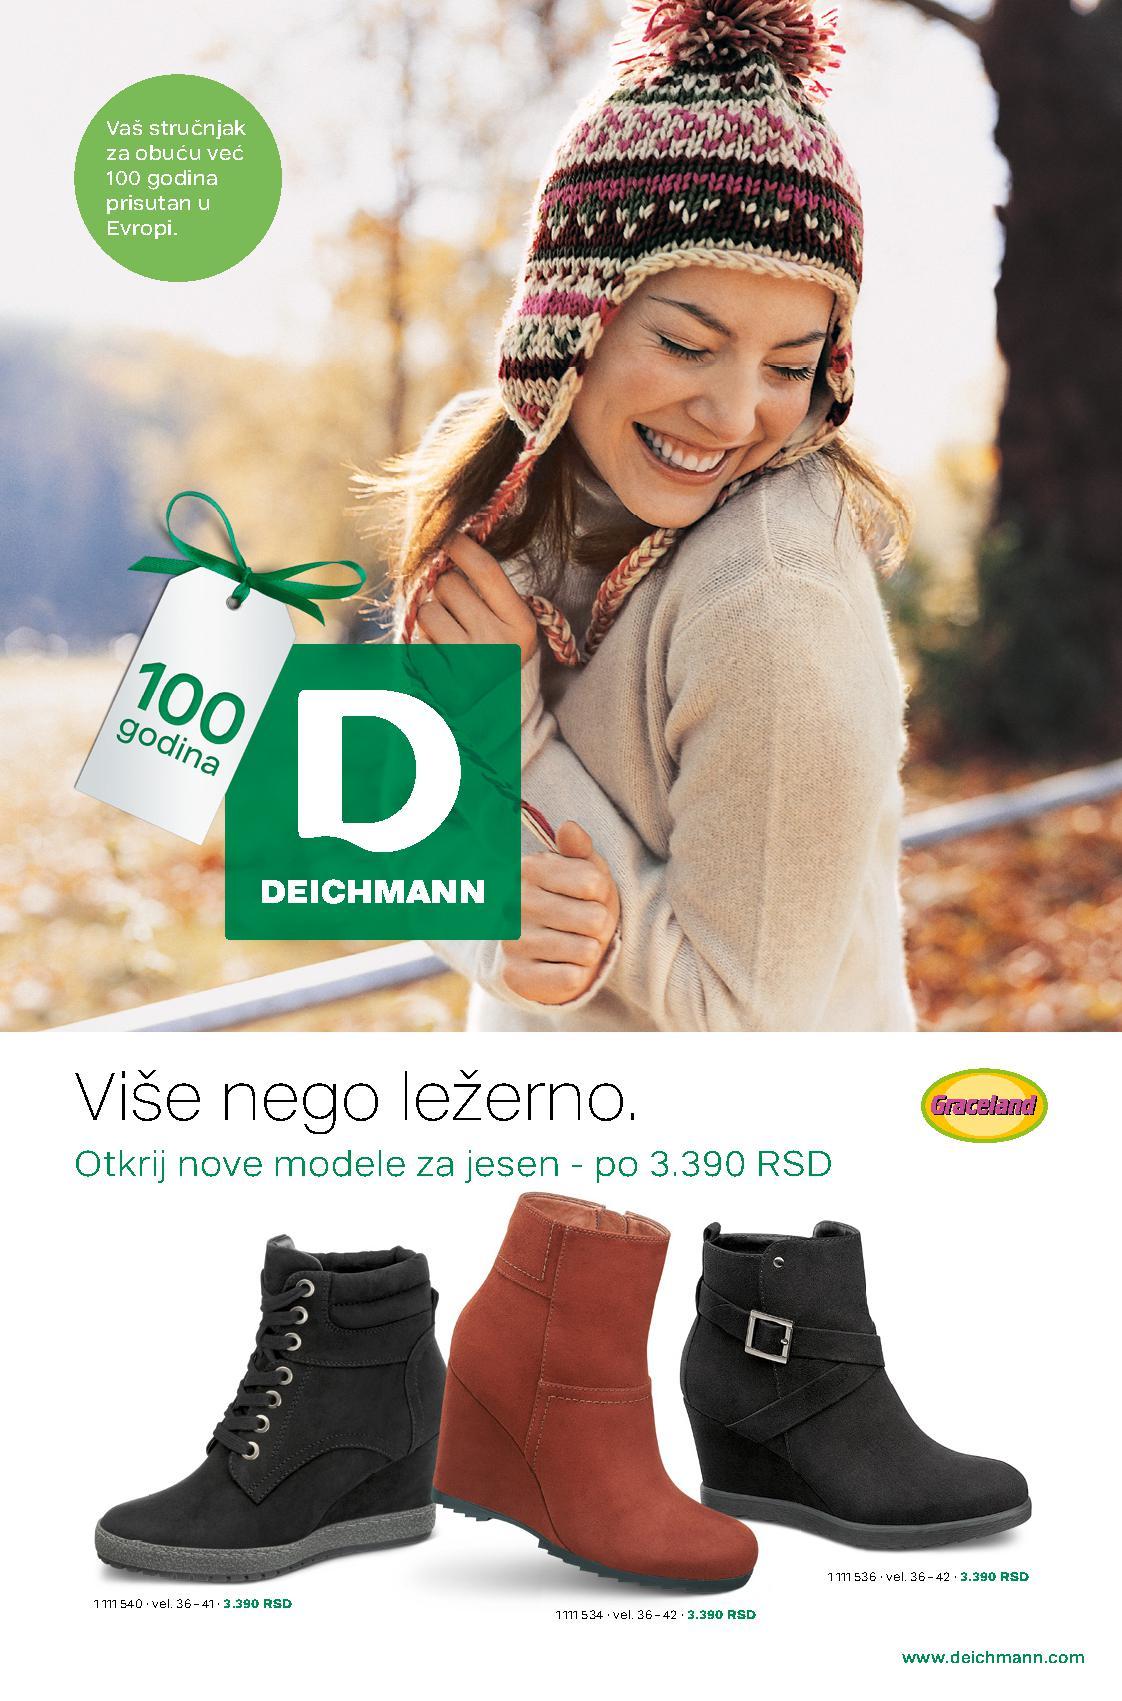 Deichmann katalog obuća za haldnije dane